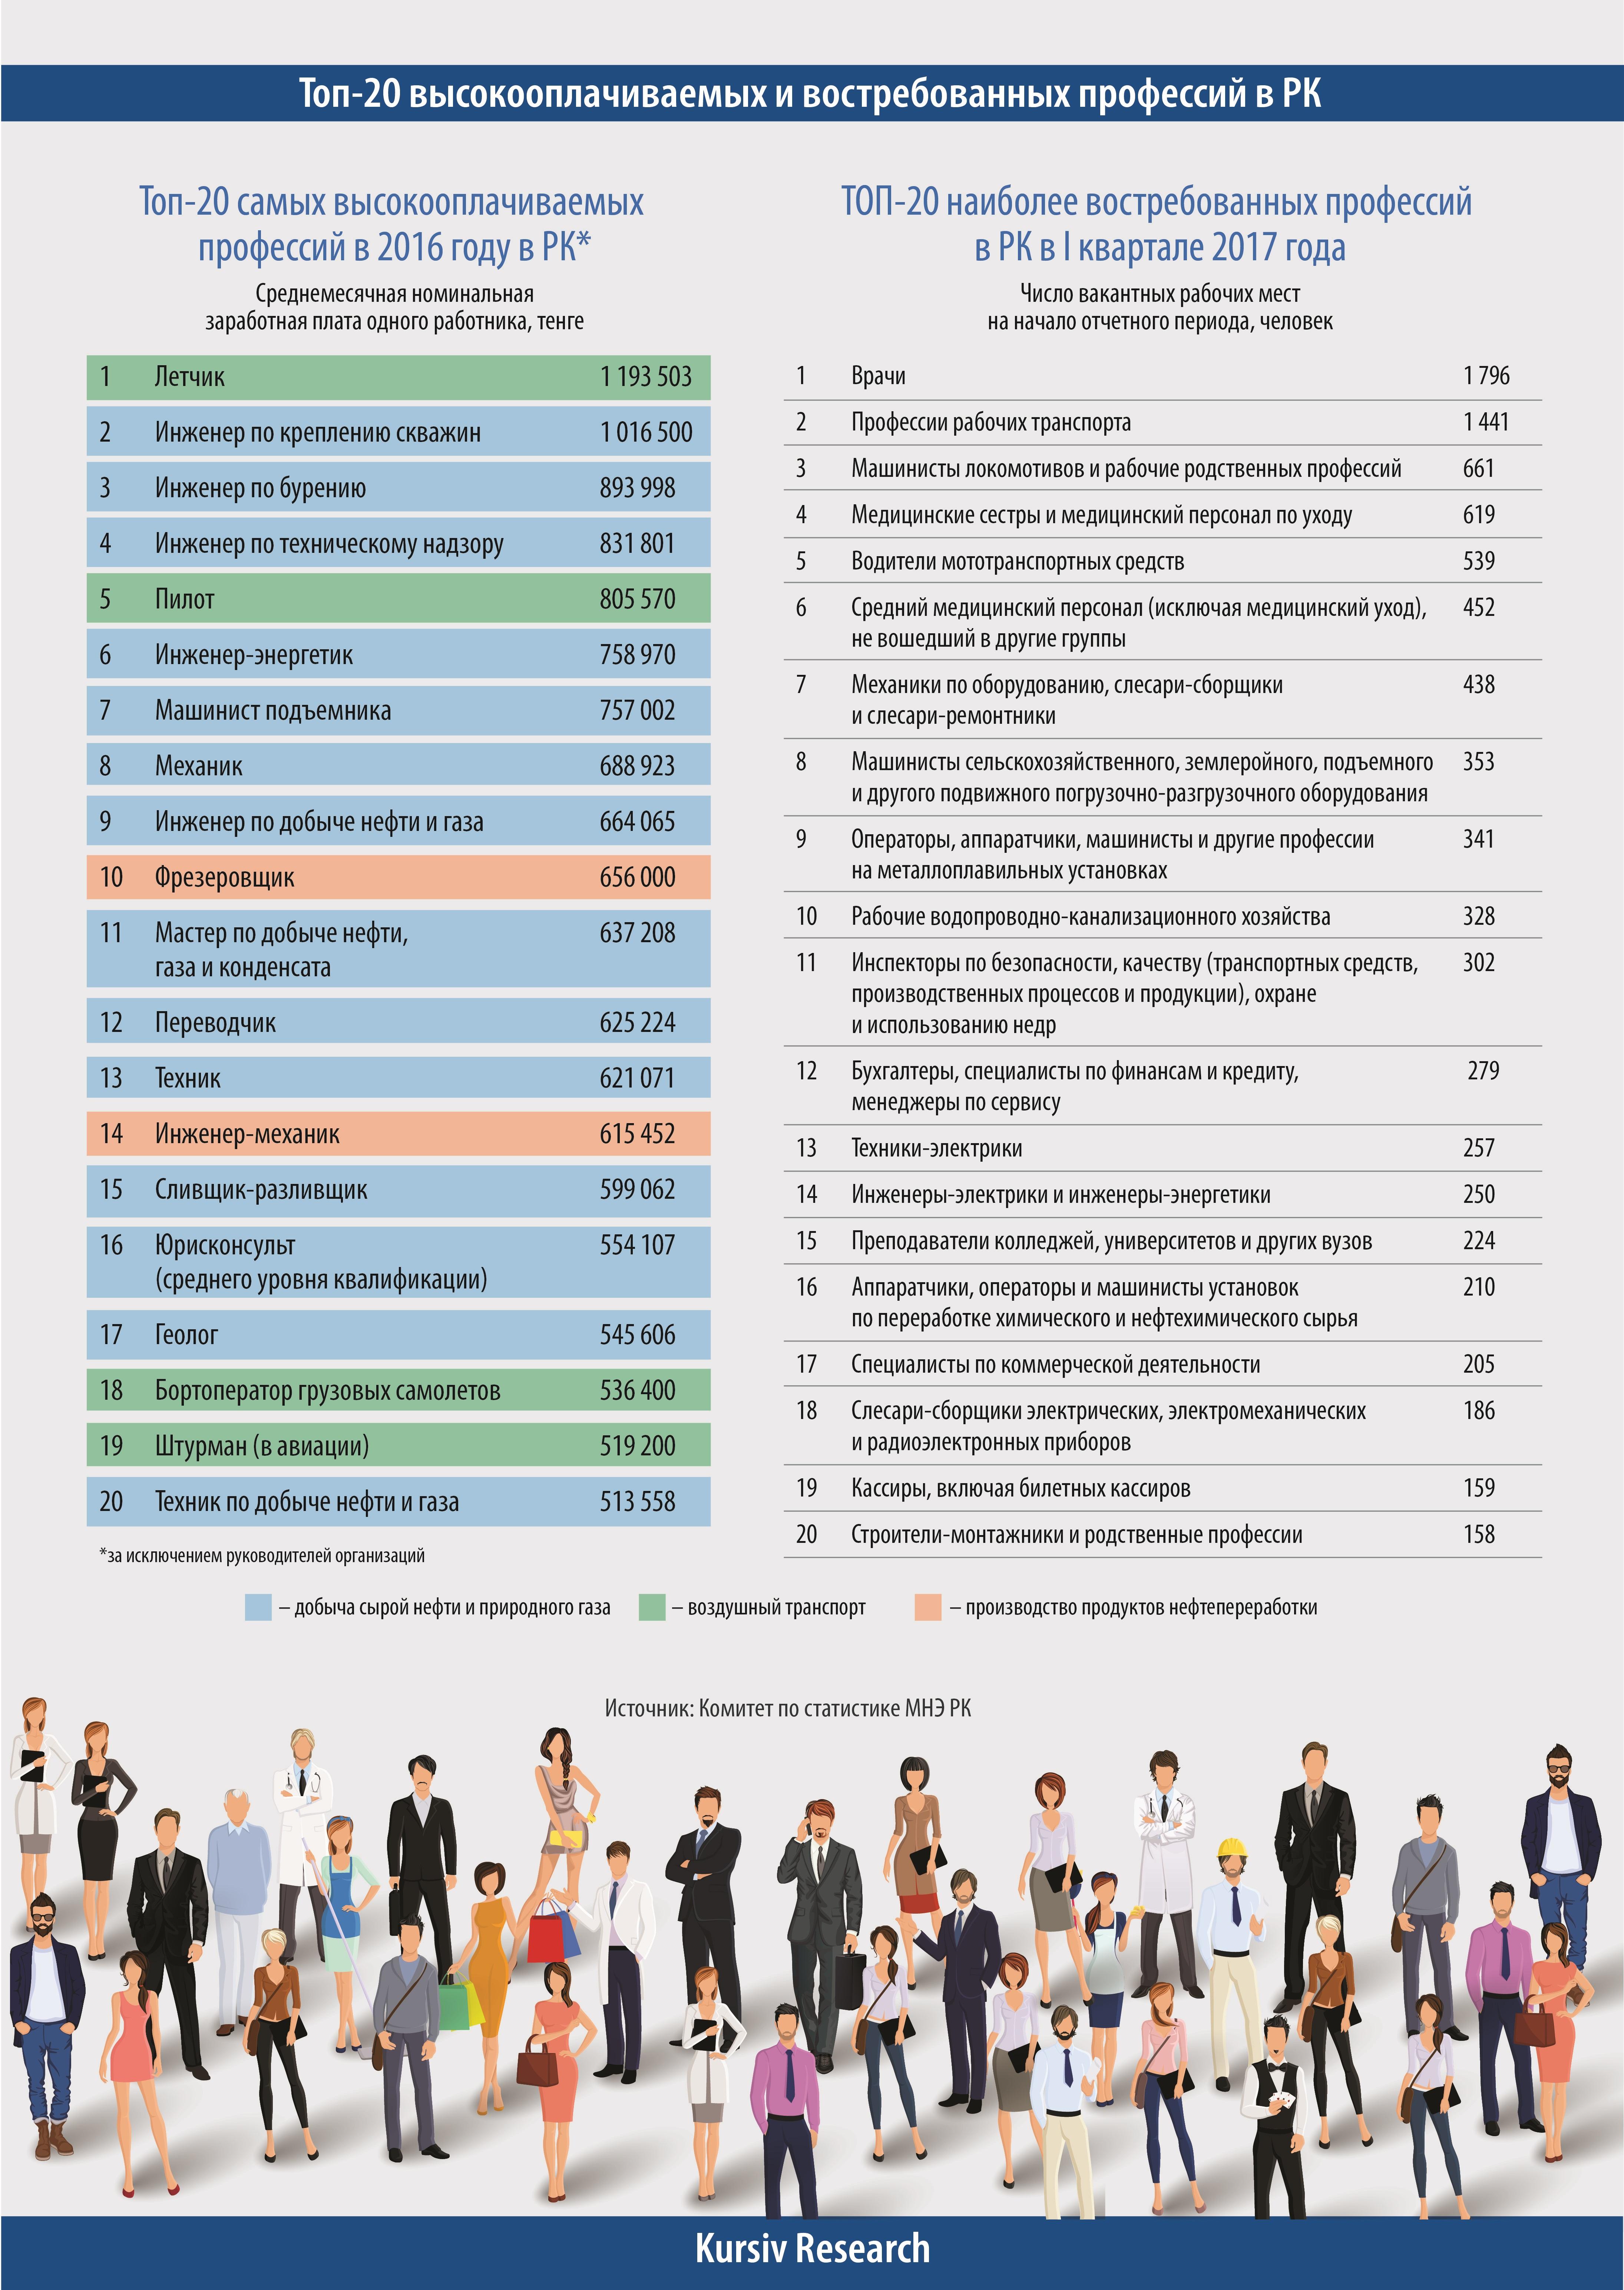 Казахстан   Госбюджет, налоги, цены   kursiv.kz, 6 июля 2017   № 2234057  Айгуль Ибраева b0bc2d5d223